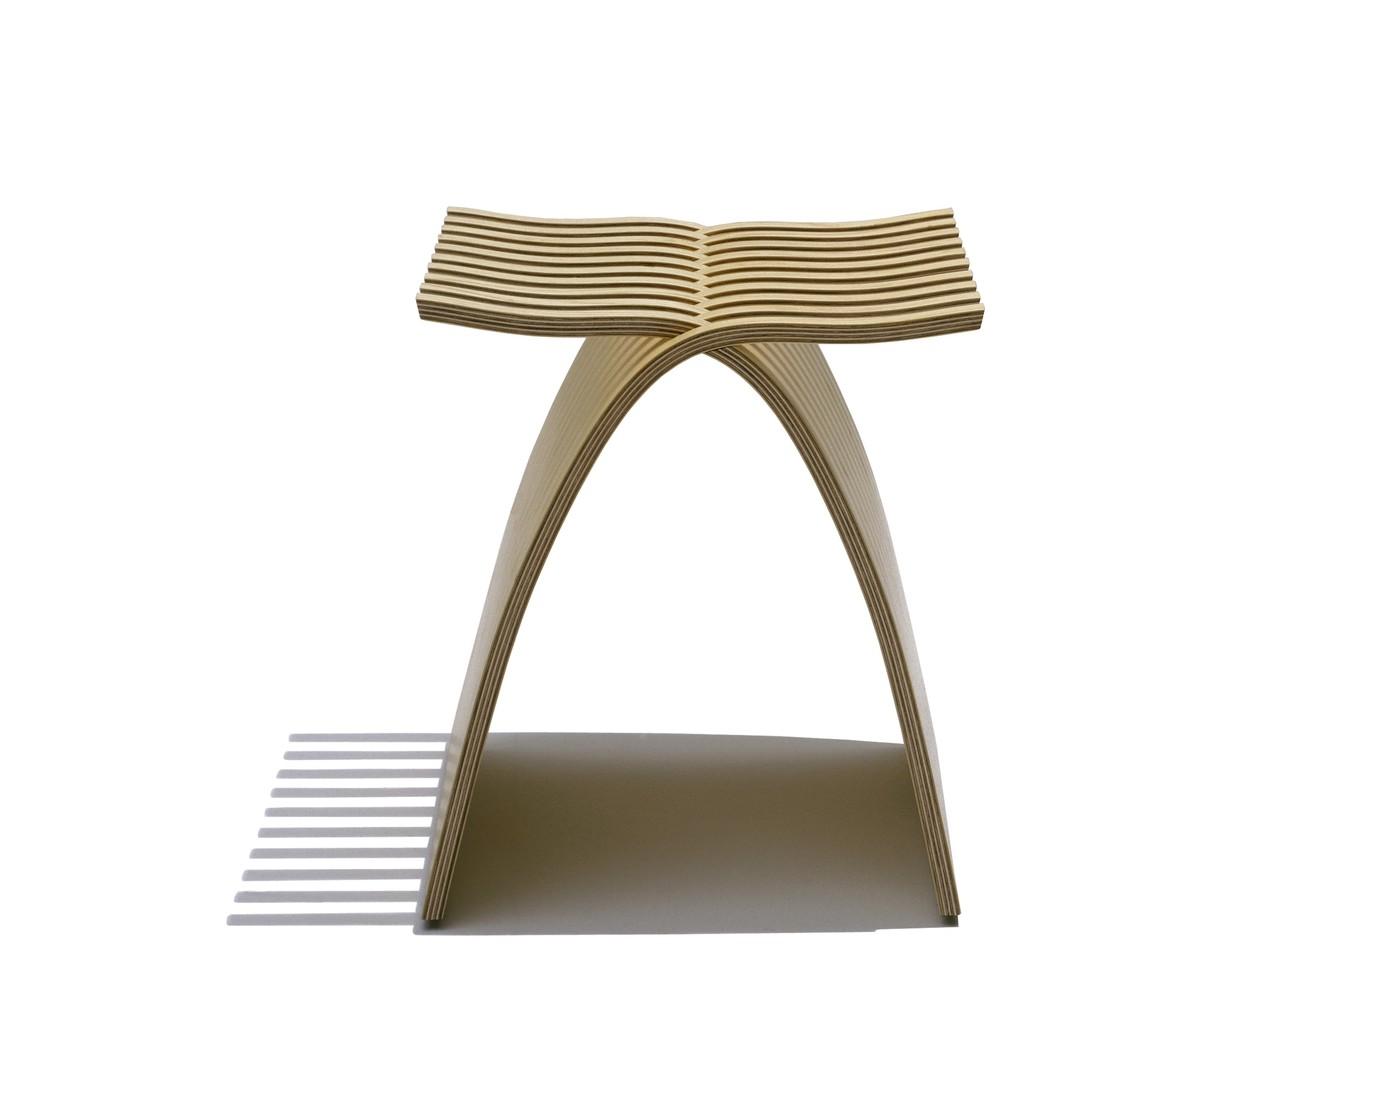 2-Silla-taburete-Capelli-1-1380